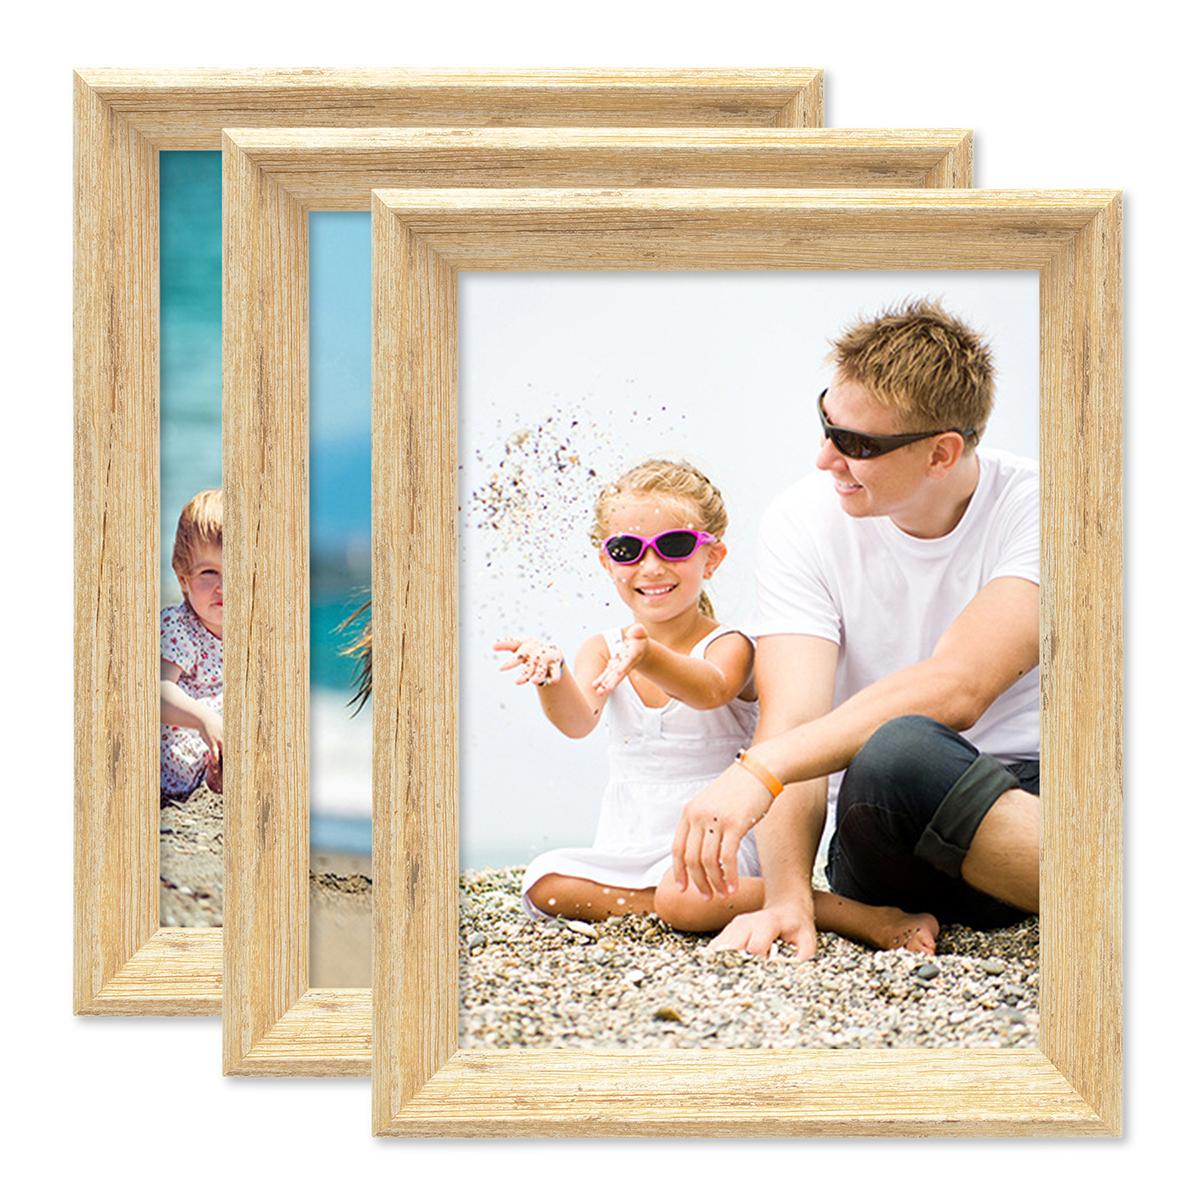 3er set vintage bilderrahmen shabby chic eiche 15x20 cm massivholz mit glasscheibe und zubeh r. Black Bedroom Furniture Sets. Home Design Ideas